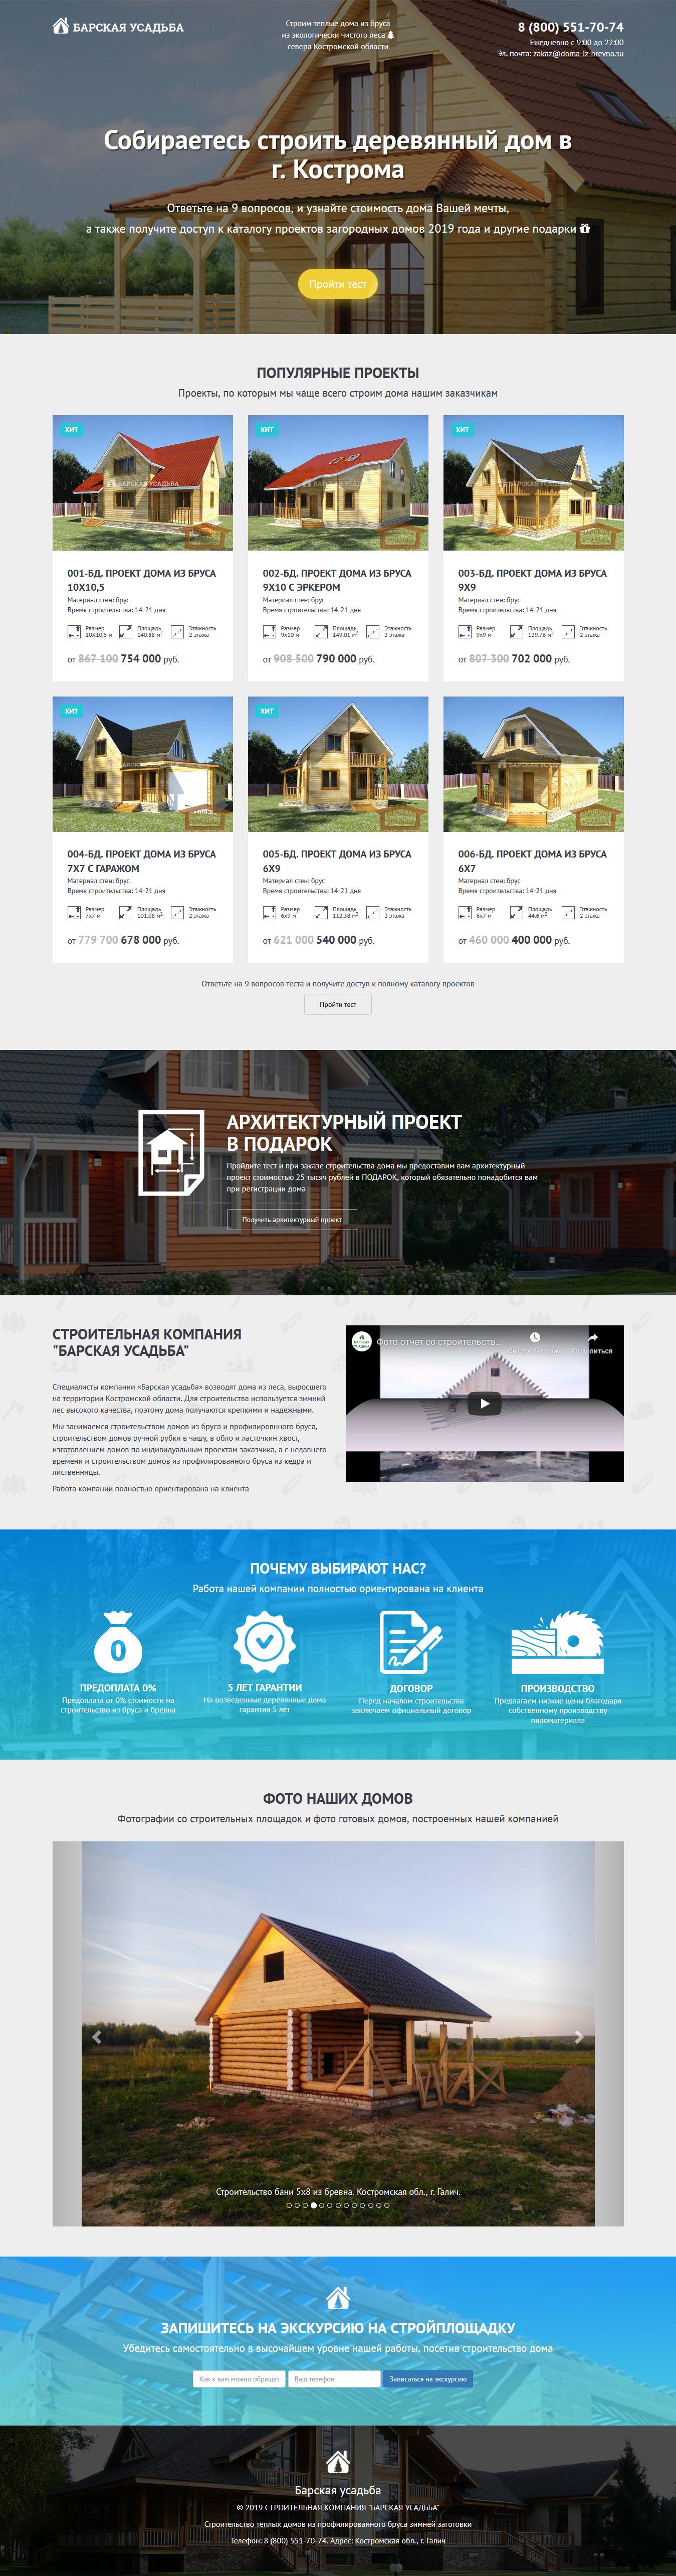 Посадочная страница строительной компании «Барская Усадьба». Создание сайтов в Костроме